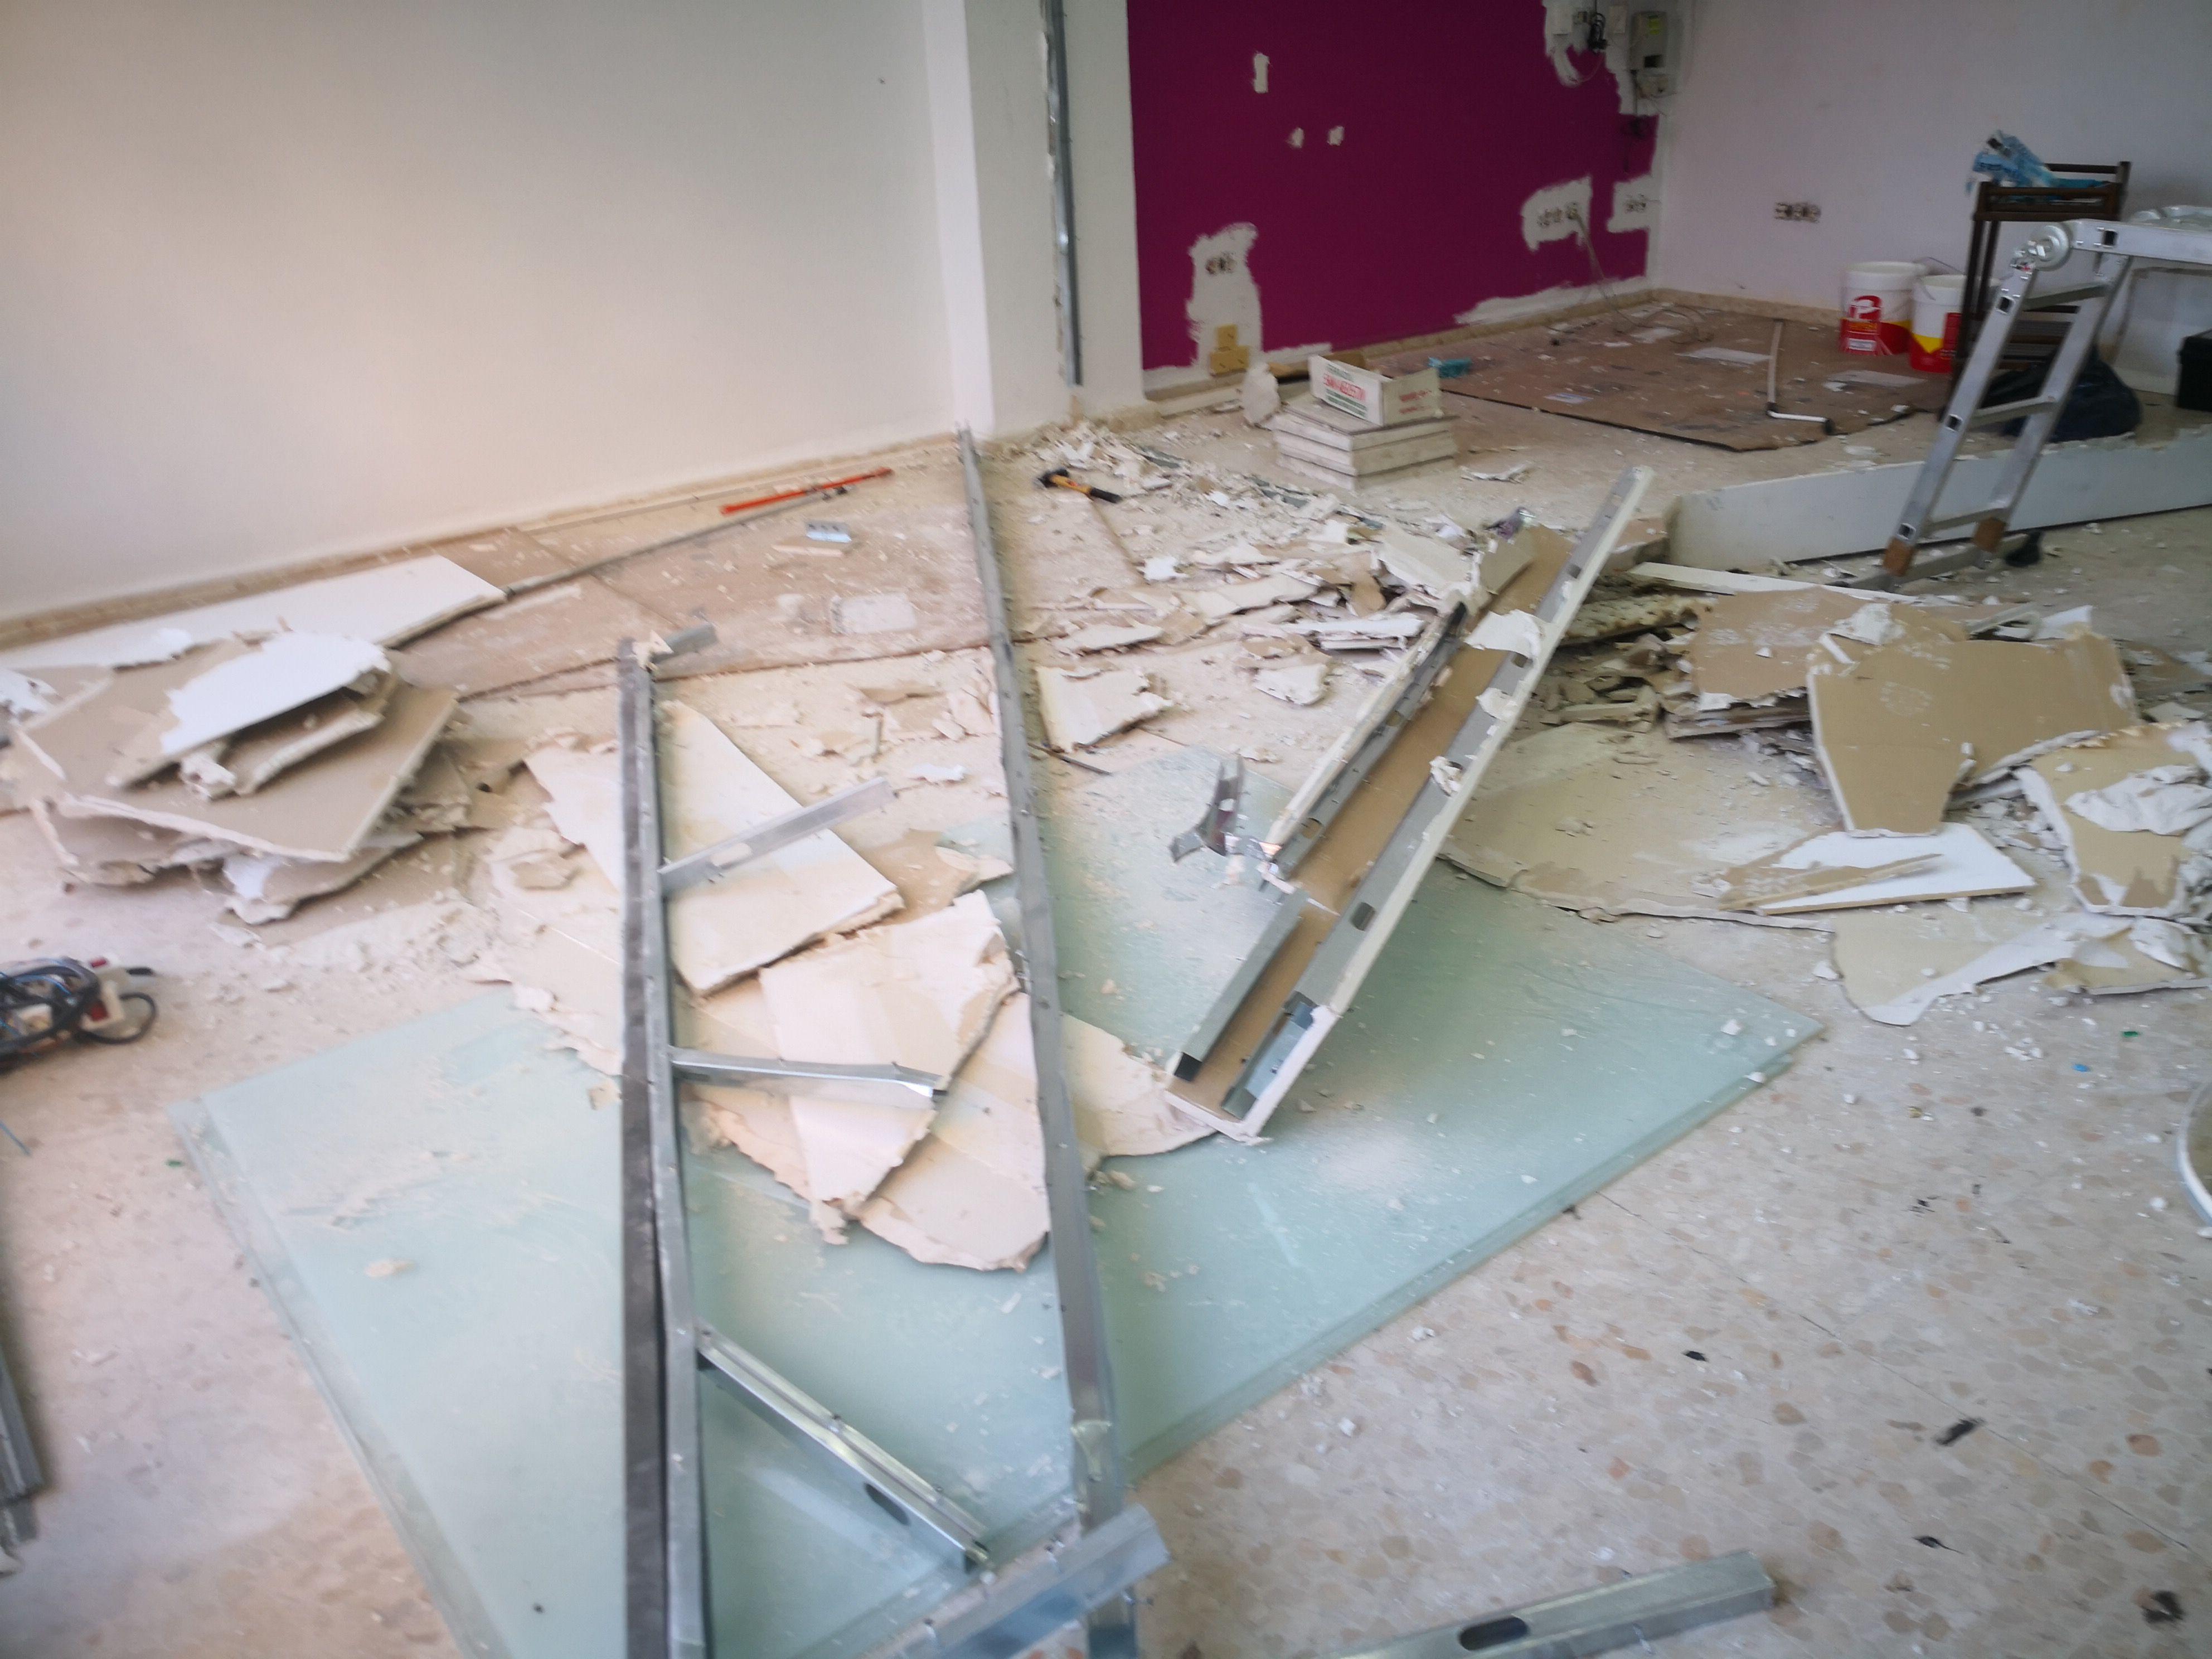 Limpieza y pintura de locales: Servicios de Limpiezas Hadassa